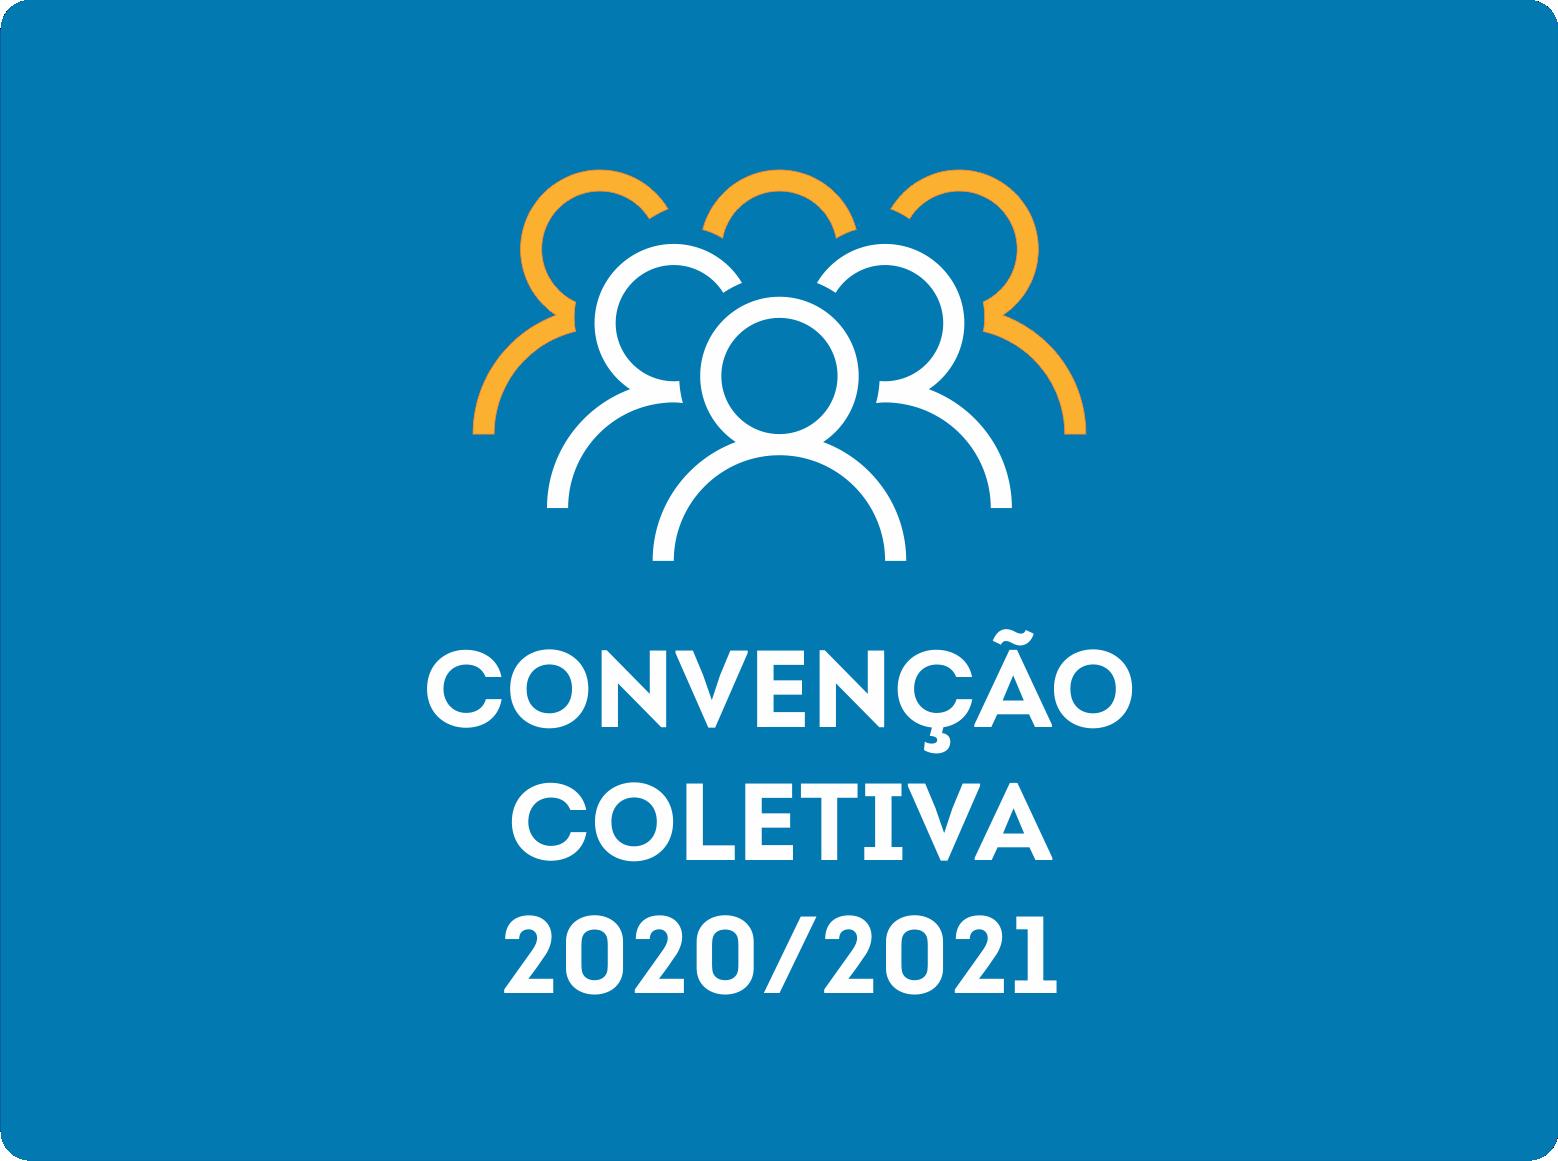 OCB/PB publica Convenção Coletiva 2020/2021